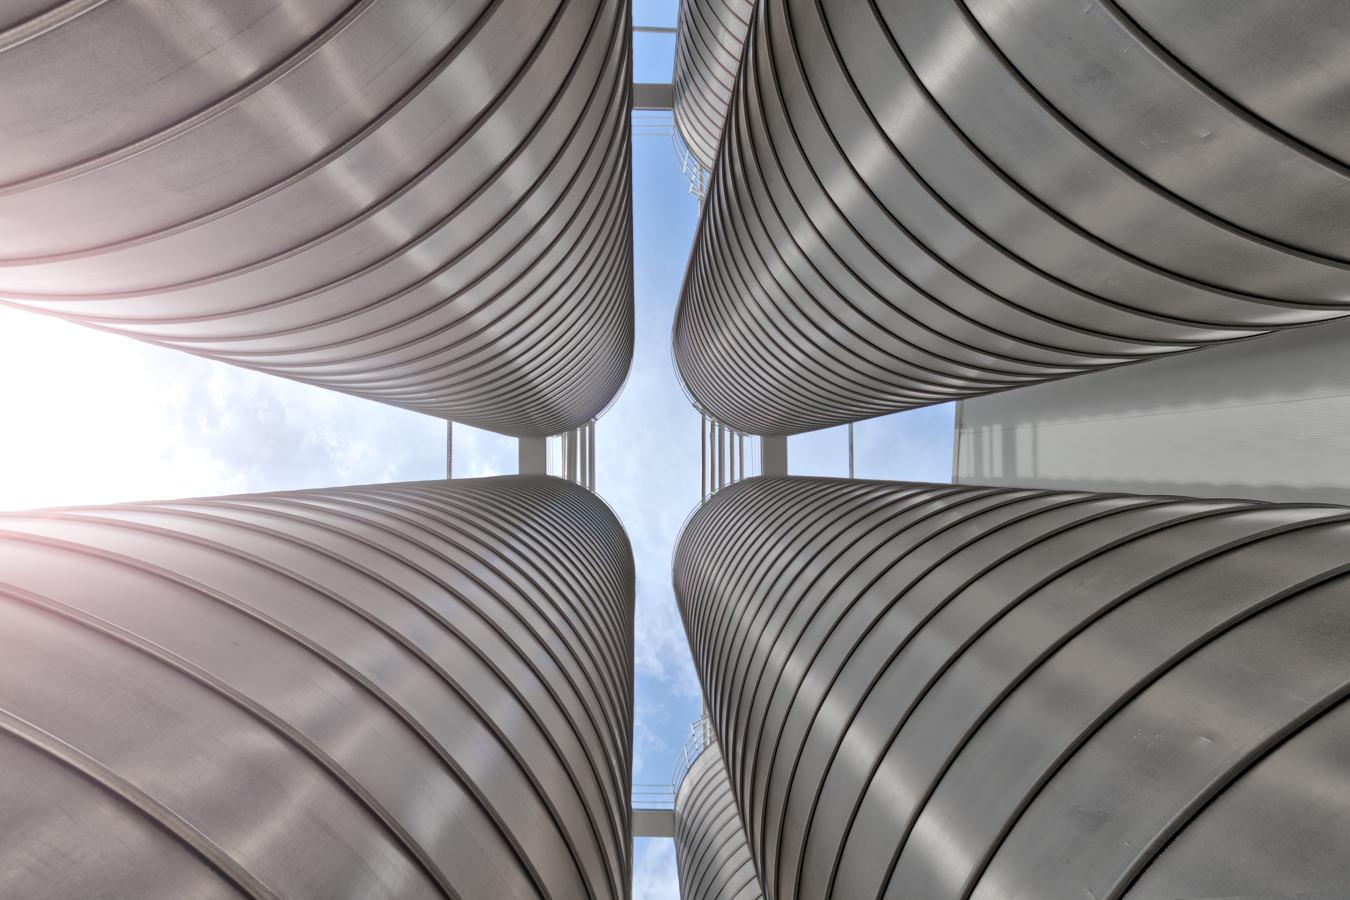 HELESI SA, Γιώργος Φάκαρος - Αρχιτεκτονική Φωτογραφία | Εσωτερικοί Χώροι | Φωτογραφία Ξενοδοχειών - Photography / Φωτογραφία